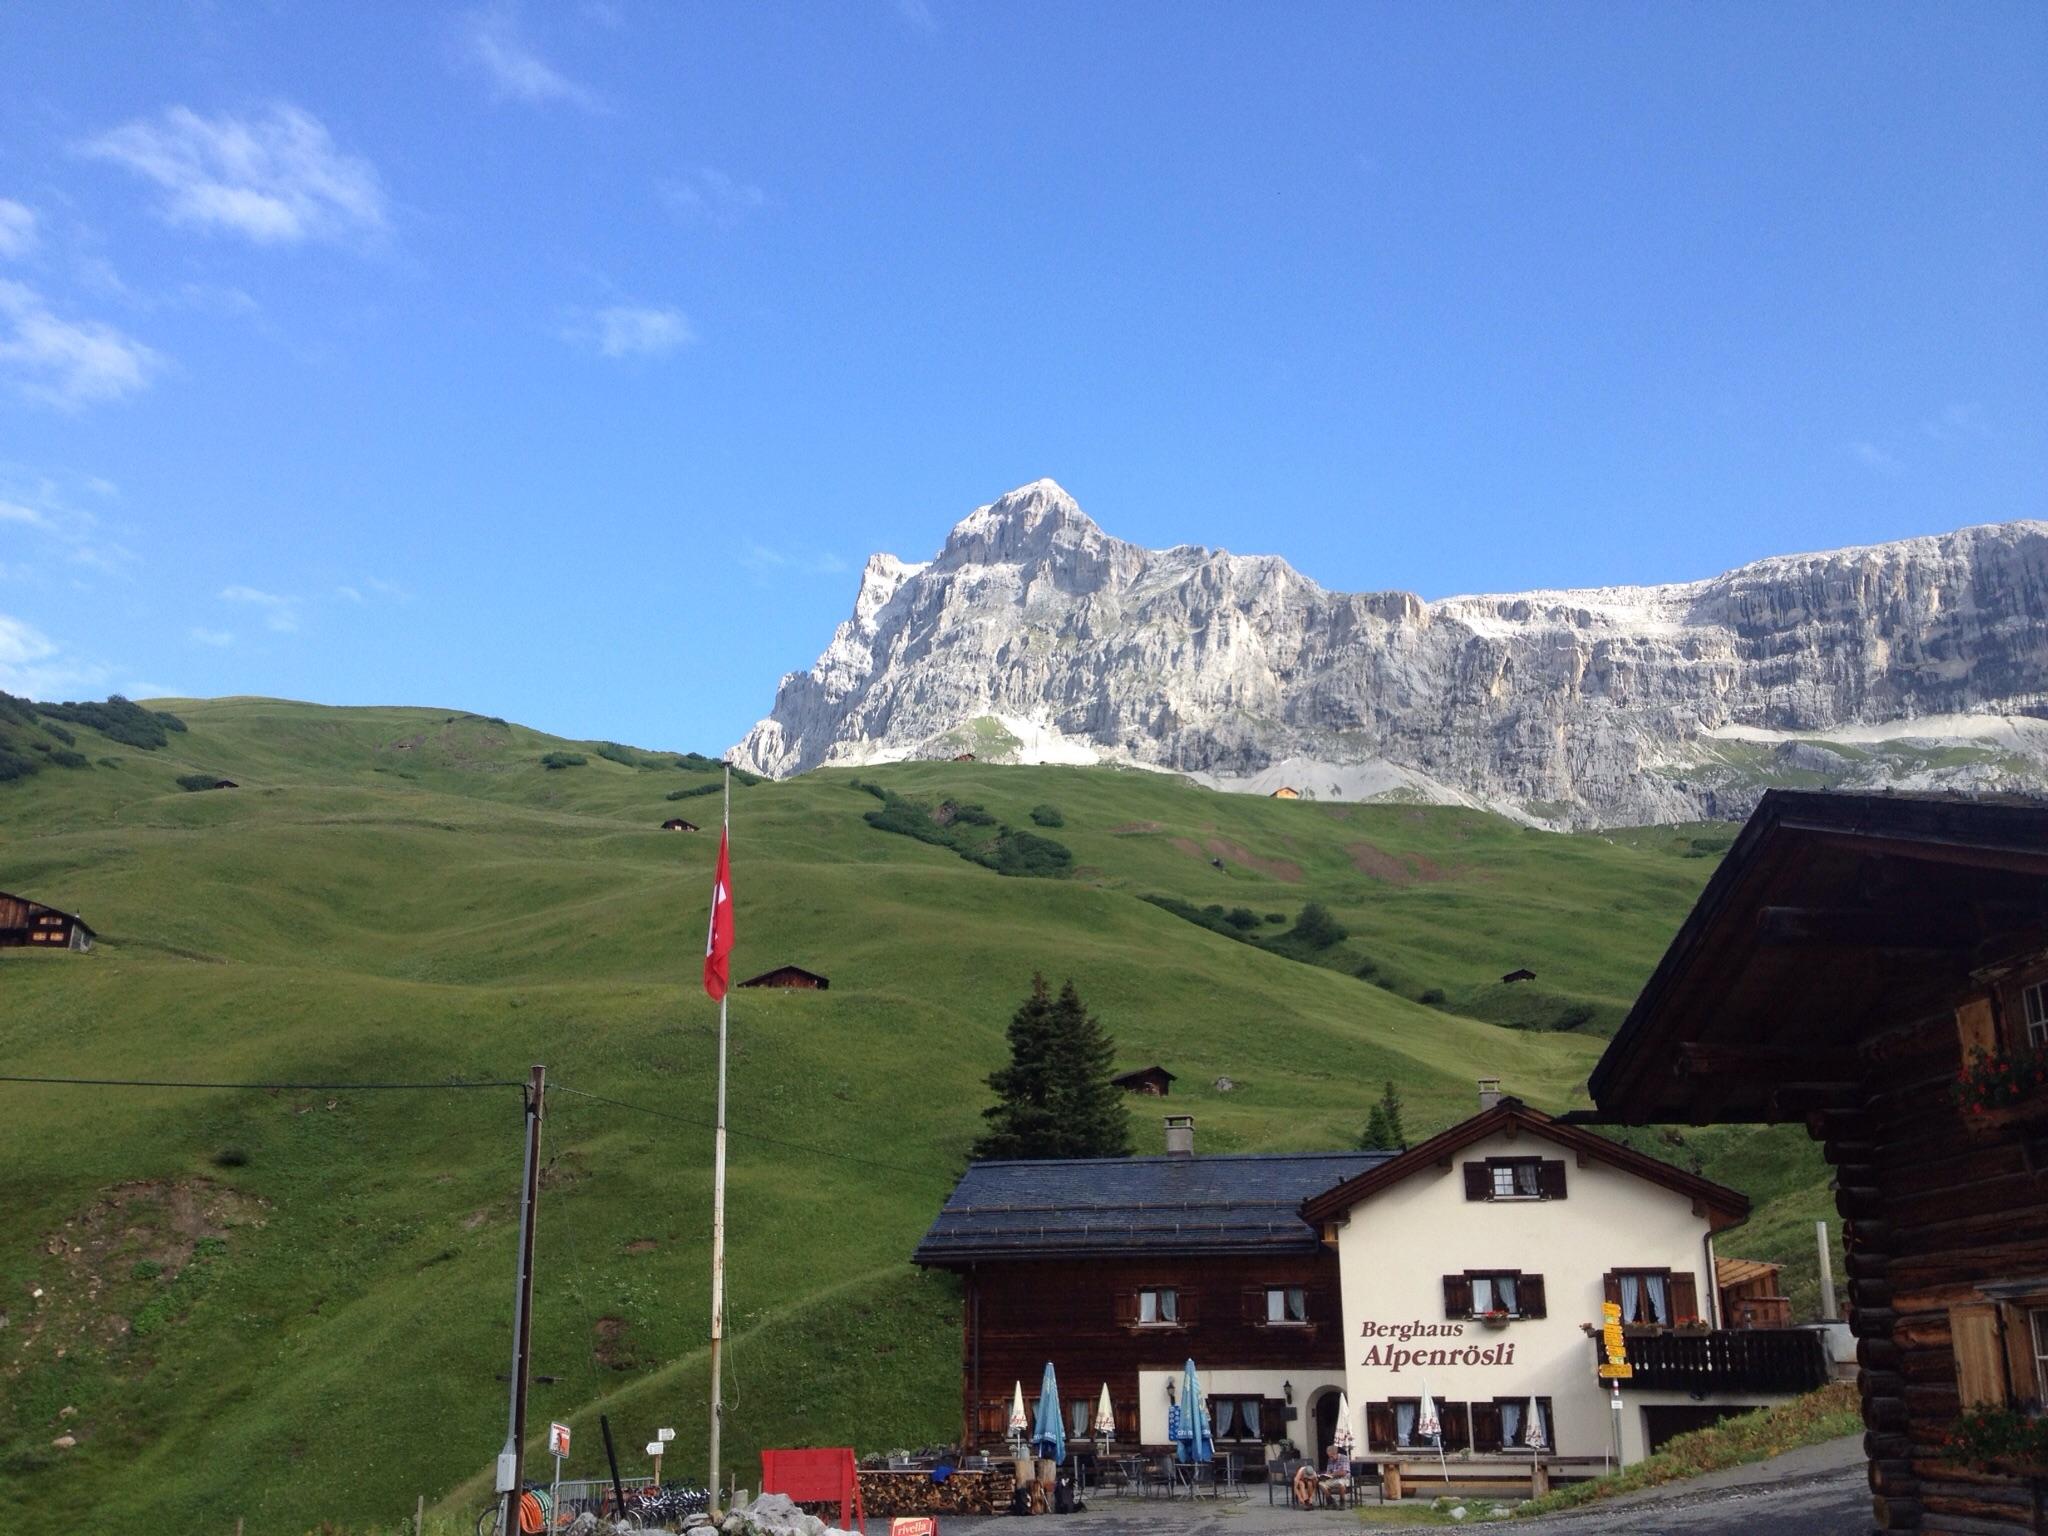 Klettersteig Sulzfluh : Über den klettersteig auf die sulzfluh edwin wandert